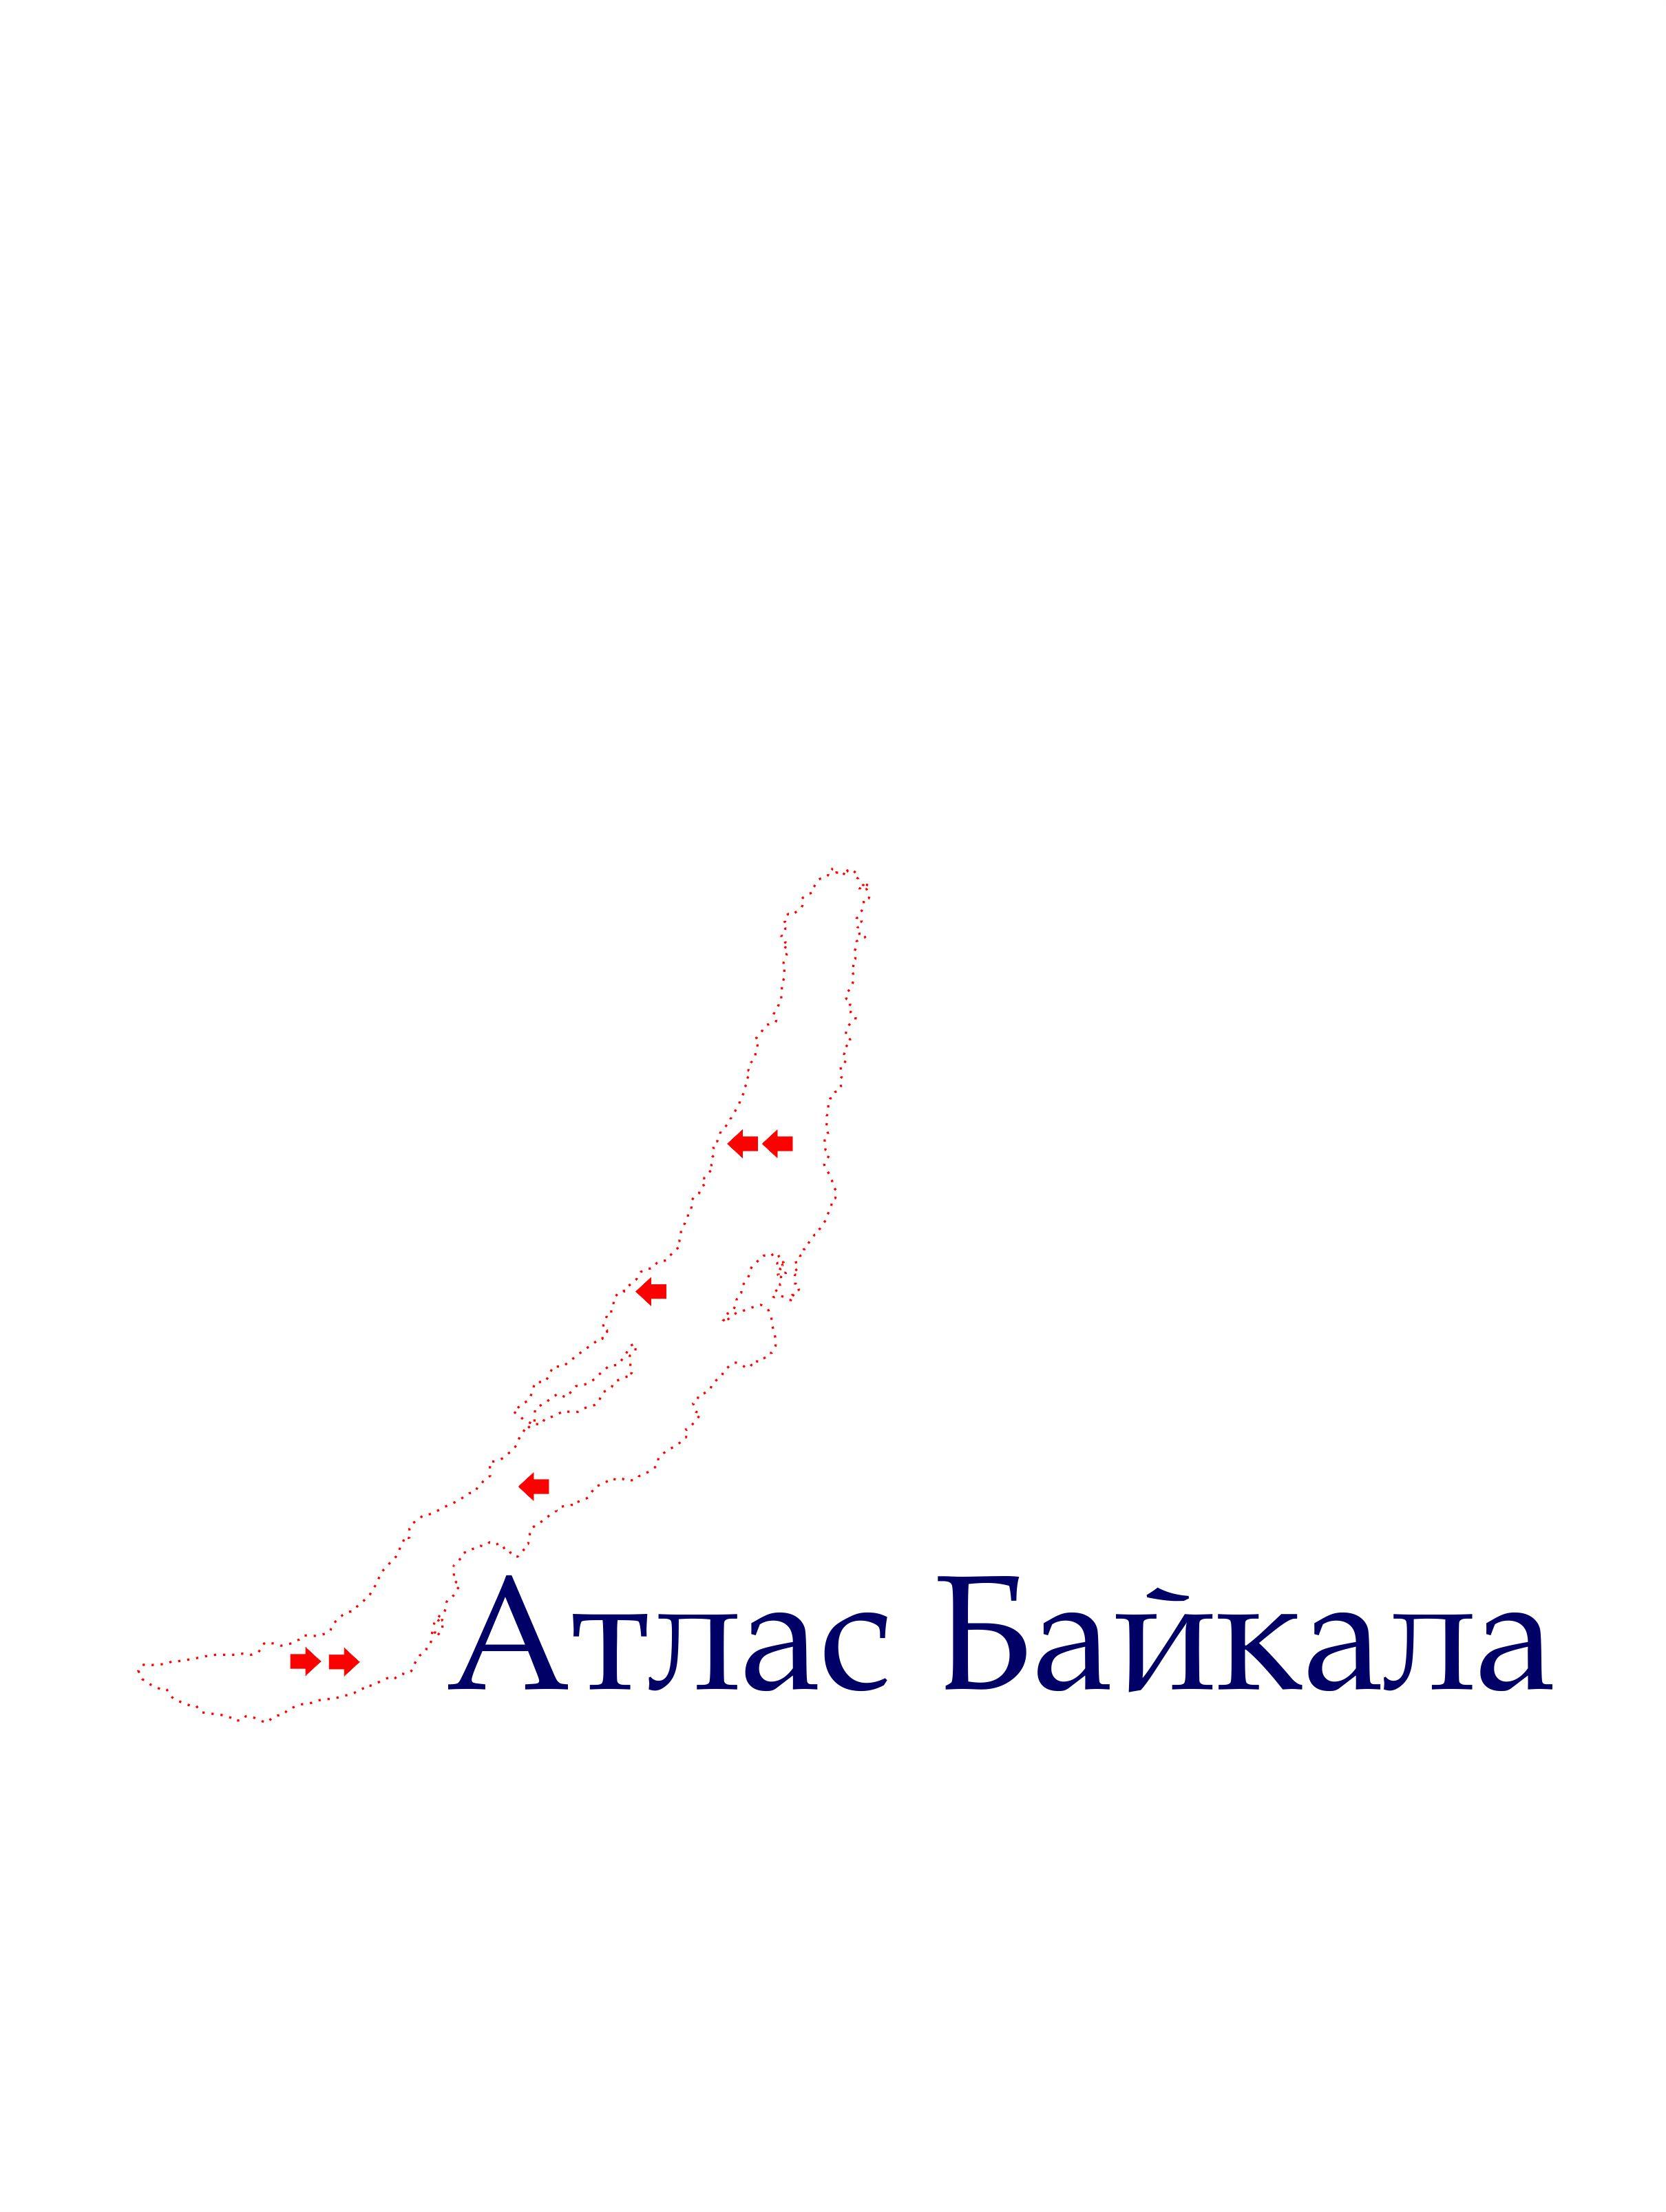 Разработка логотипа Атлас Байкала фото f_3415af94fa8a83f9.jpg